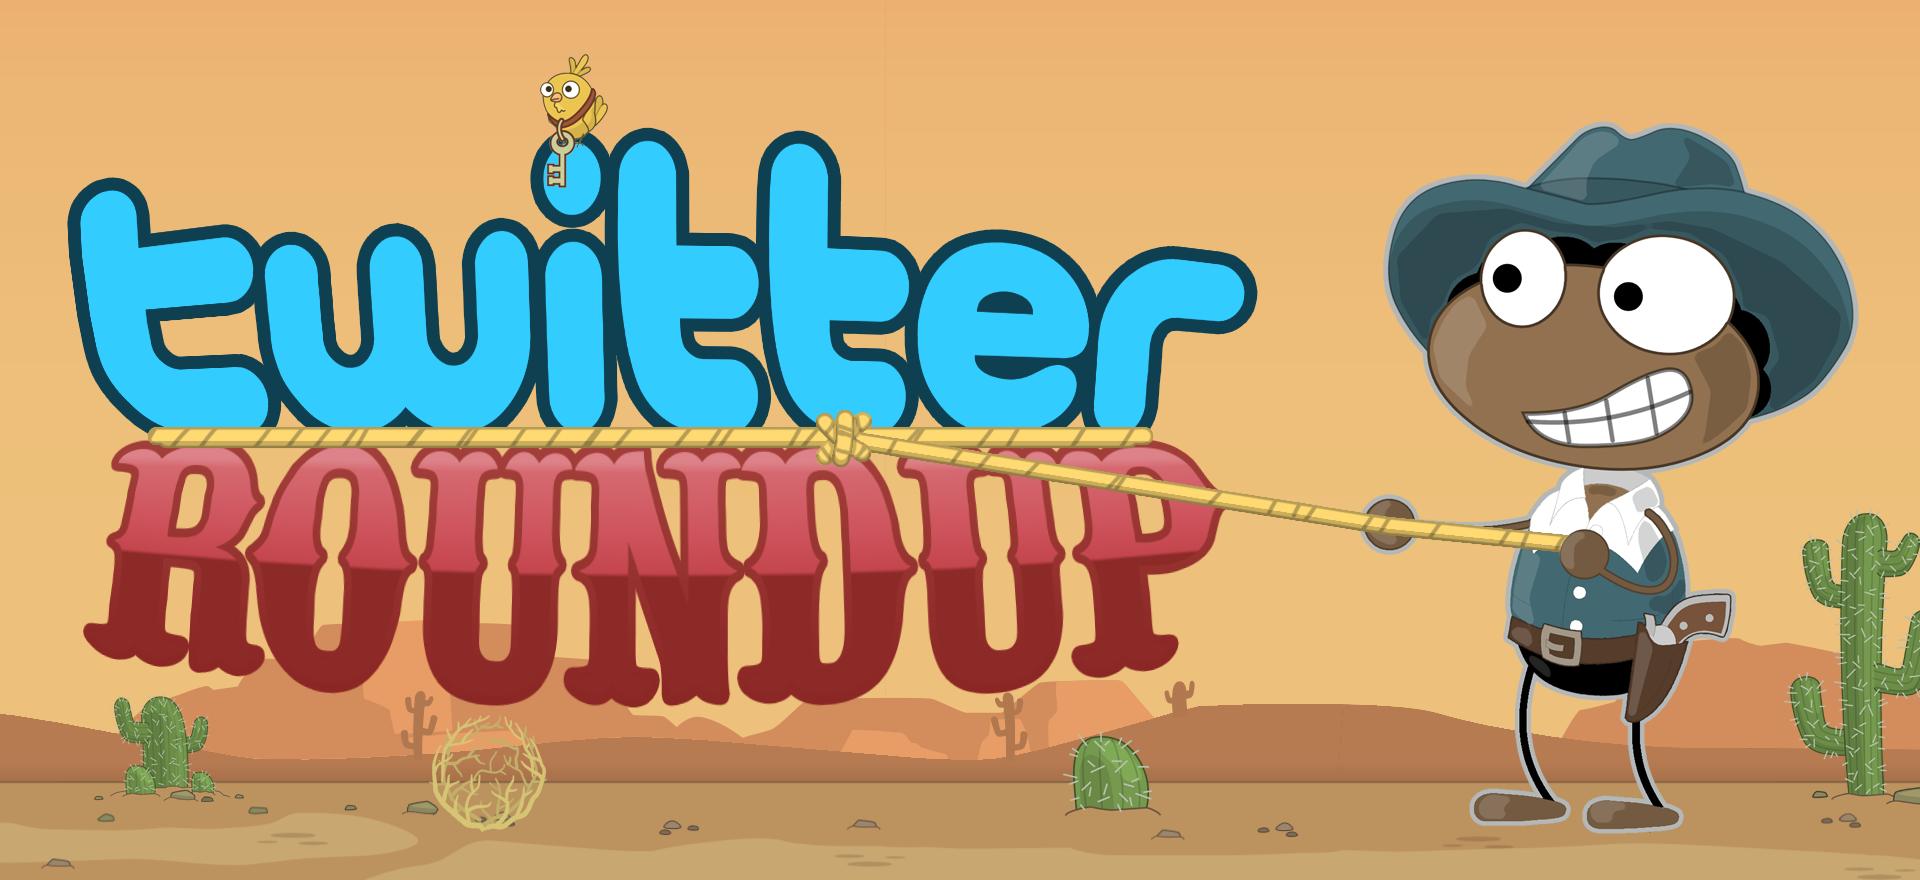 TwitterRoundup